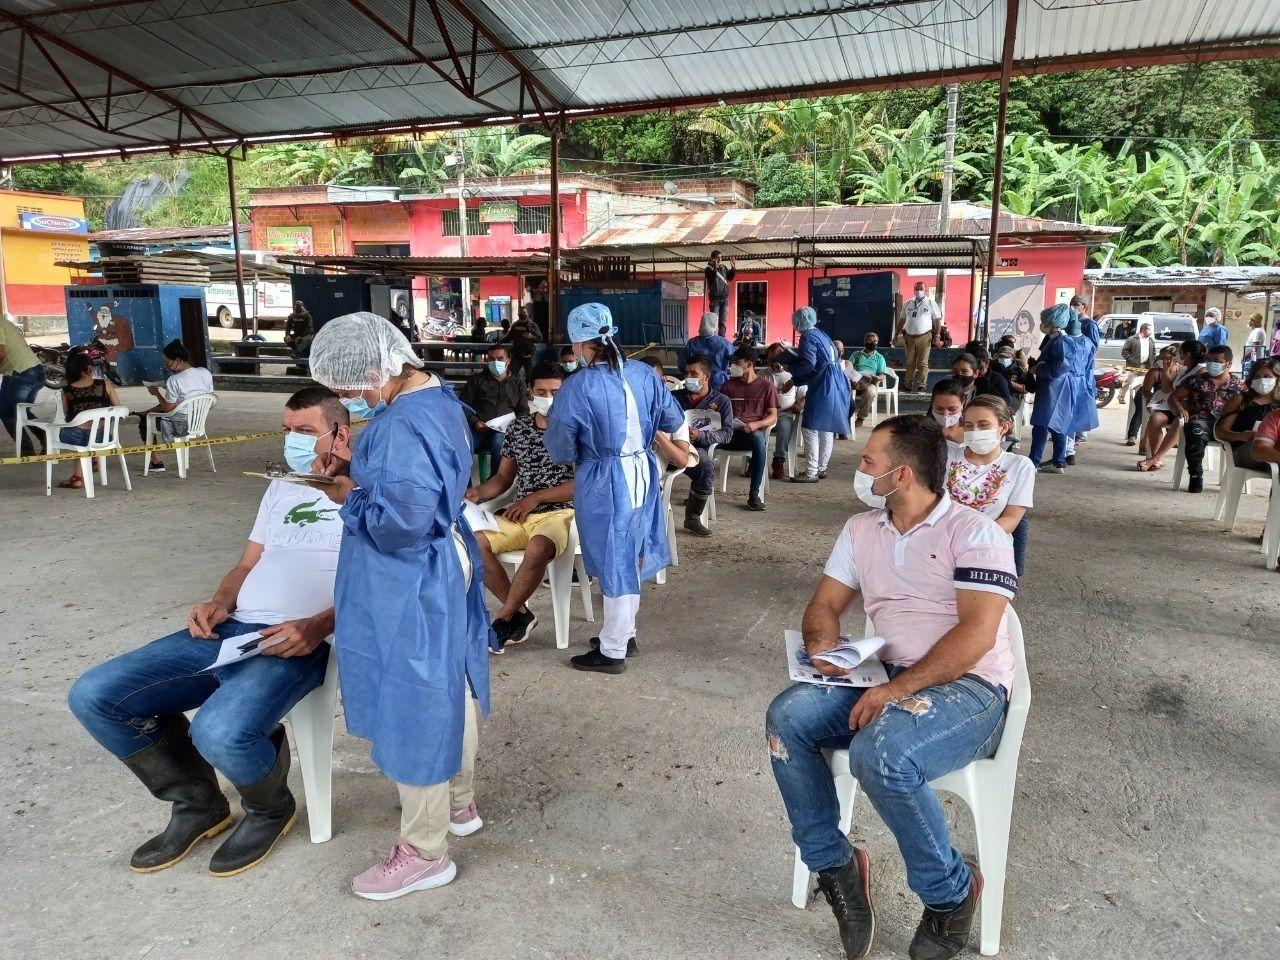 Se han inmunizado a 1.000 personas en zona rural de Neiva